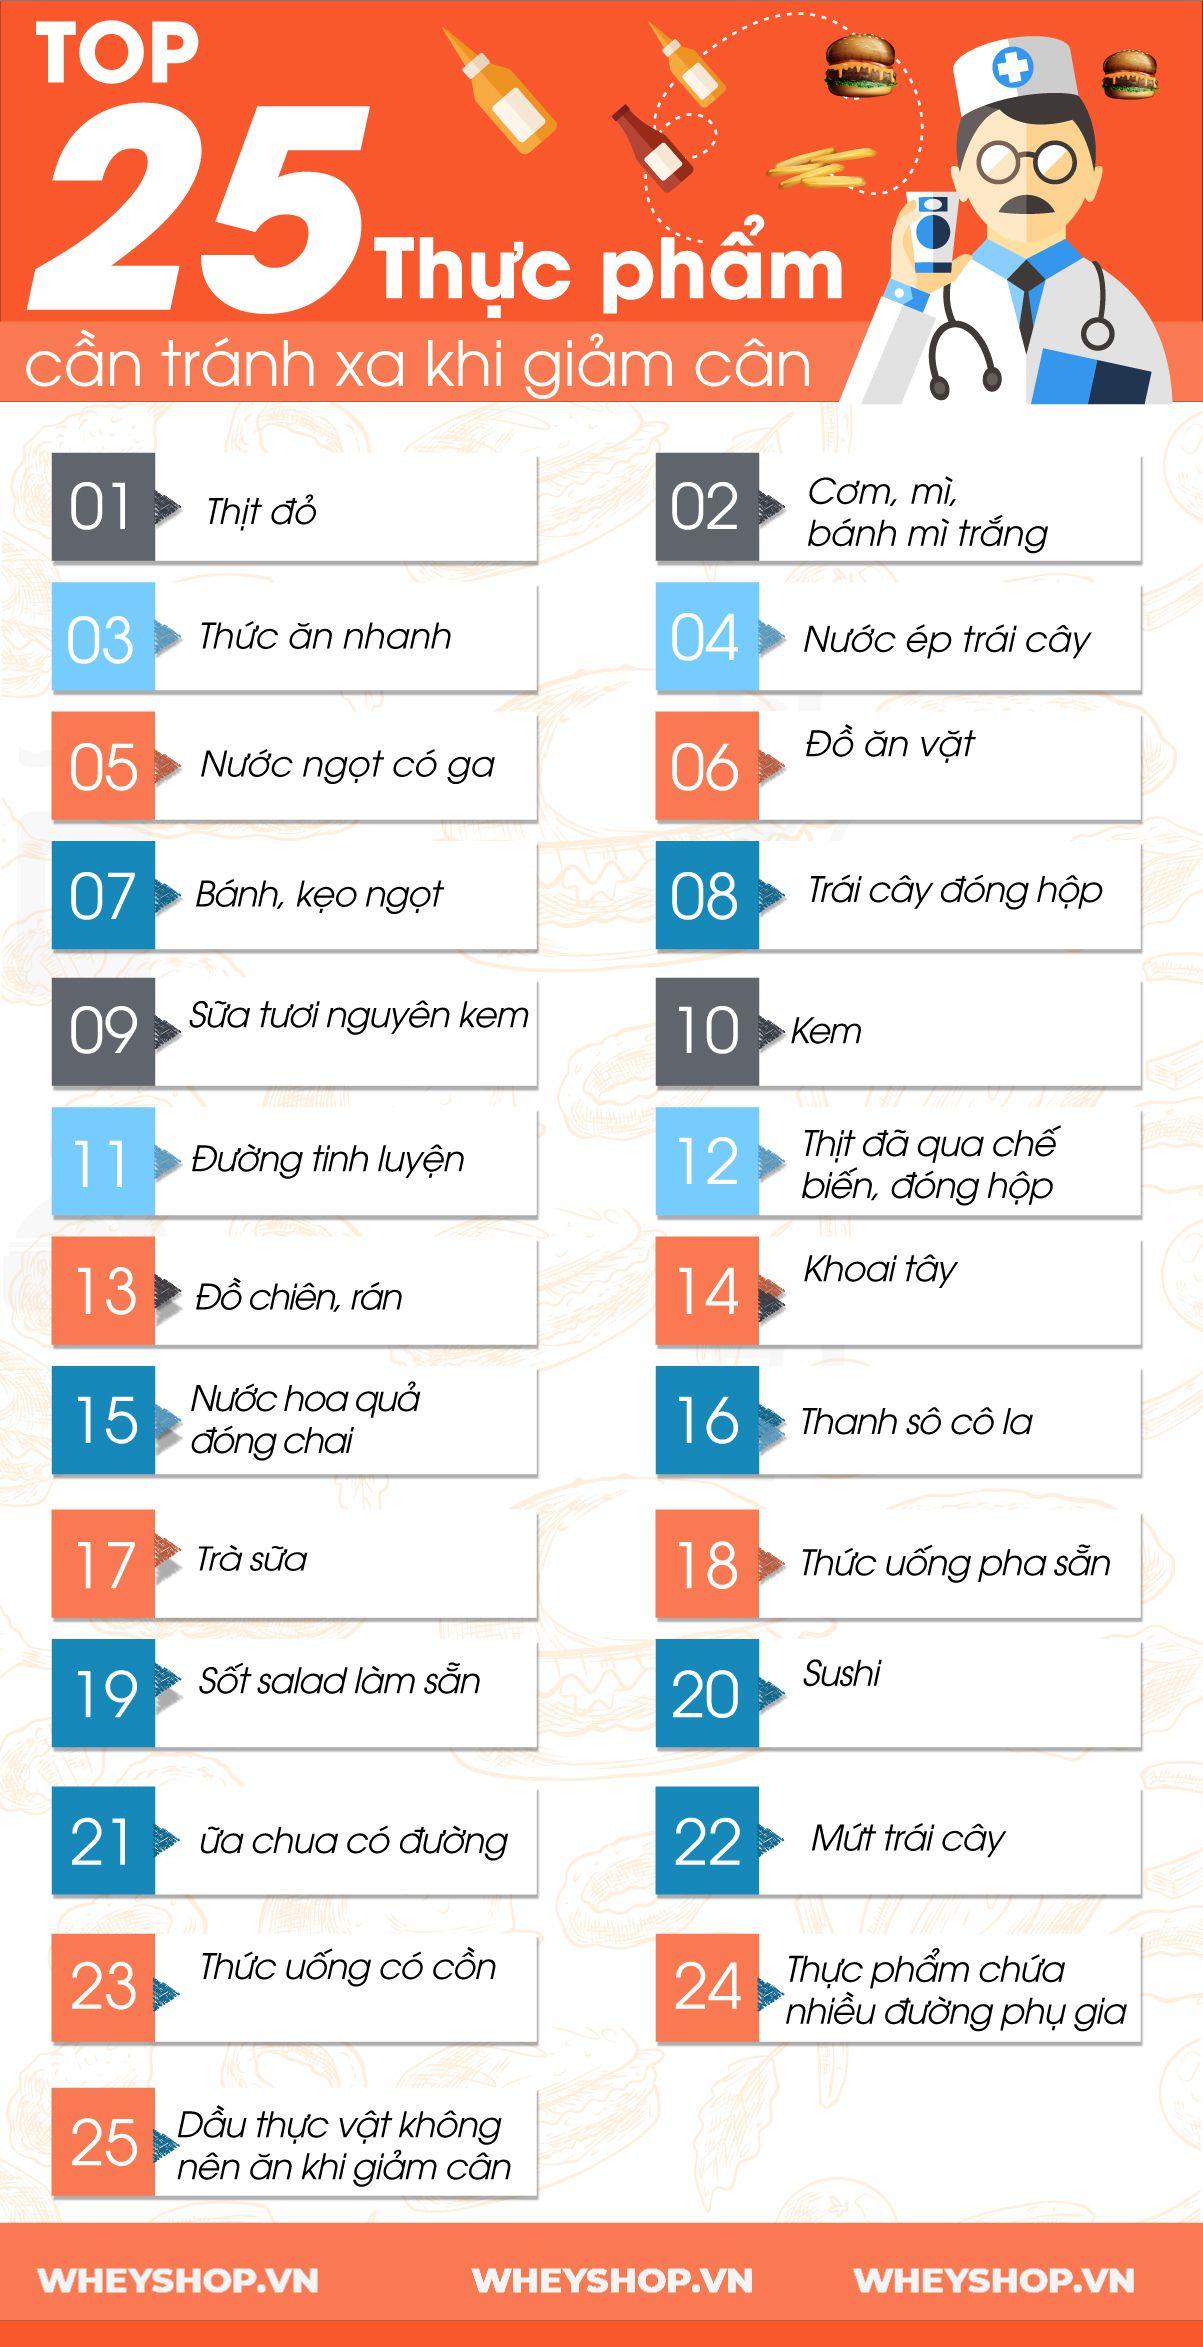 Giảm cân không nên ăn gì ? Hãy cùng WheyShop tìm hiểu ngay 25 loại thực phẩm mà bạn không nên sử dụng trong quá trình giảm cân để đạt hiệu quả cao nhất nhé